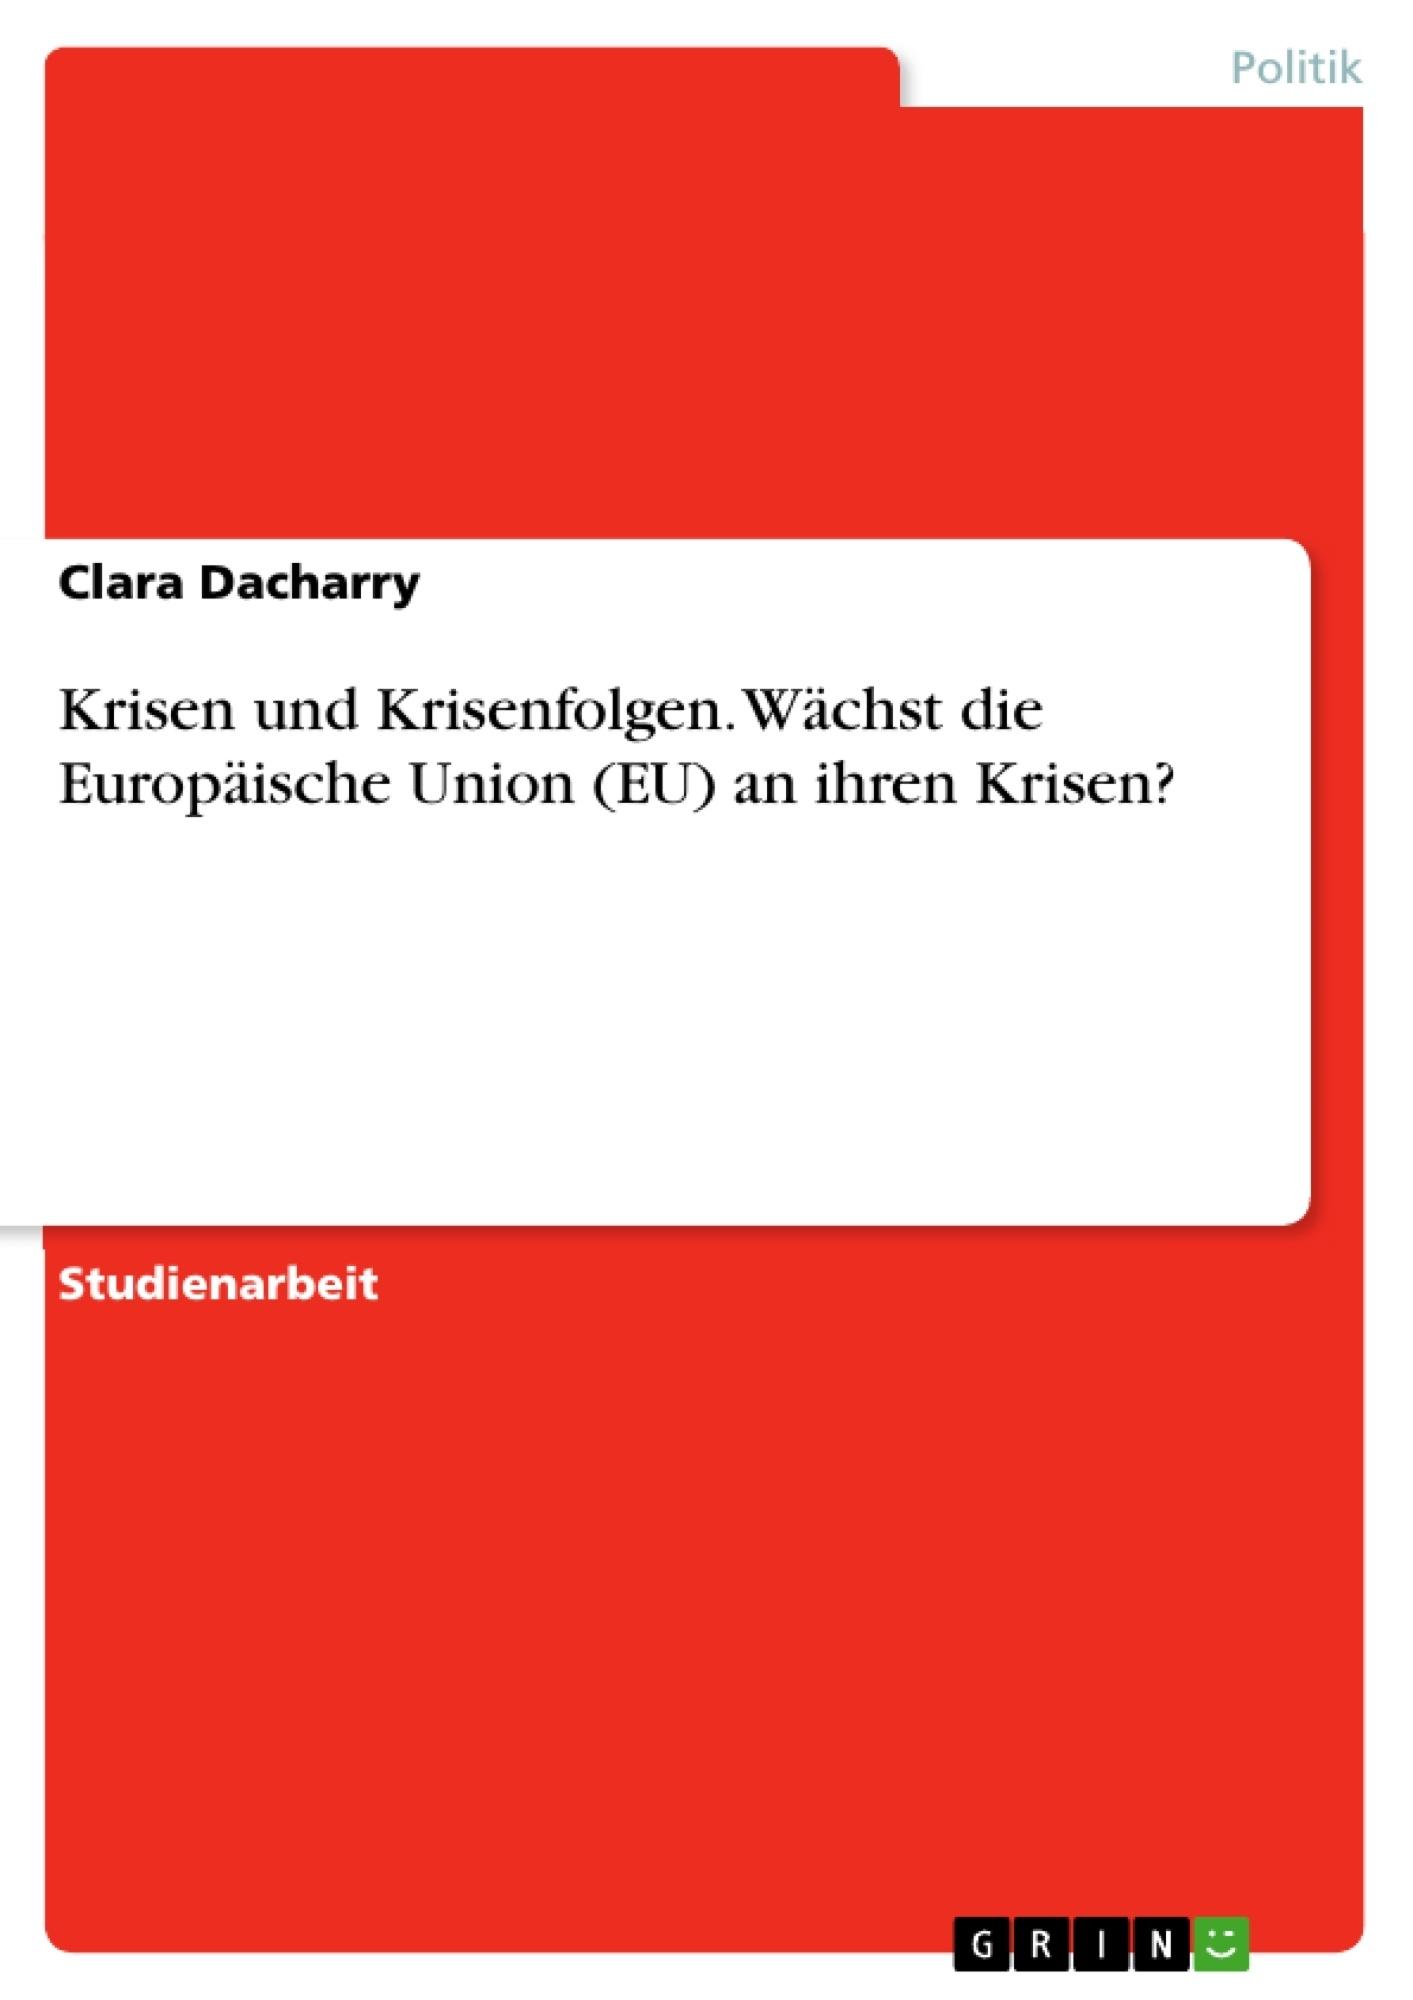 Titel: Krisen und Krisenfolgen. Wächst die Europäische Union (EU) an ihren Krisen?